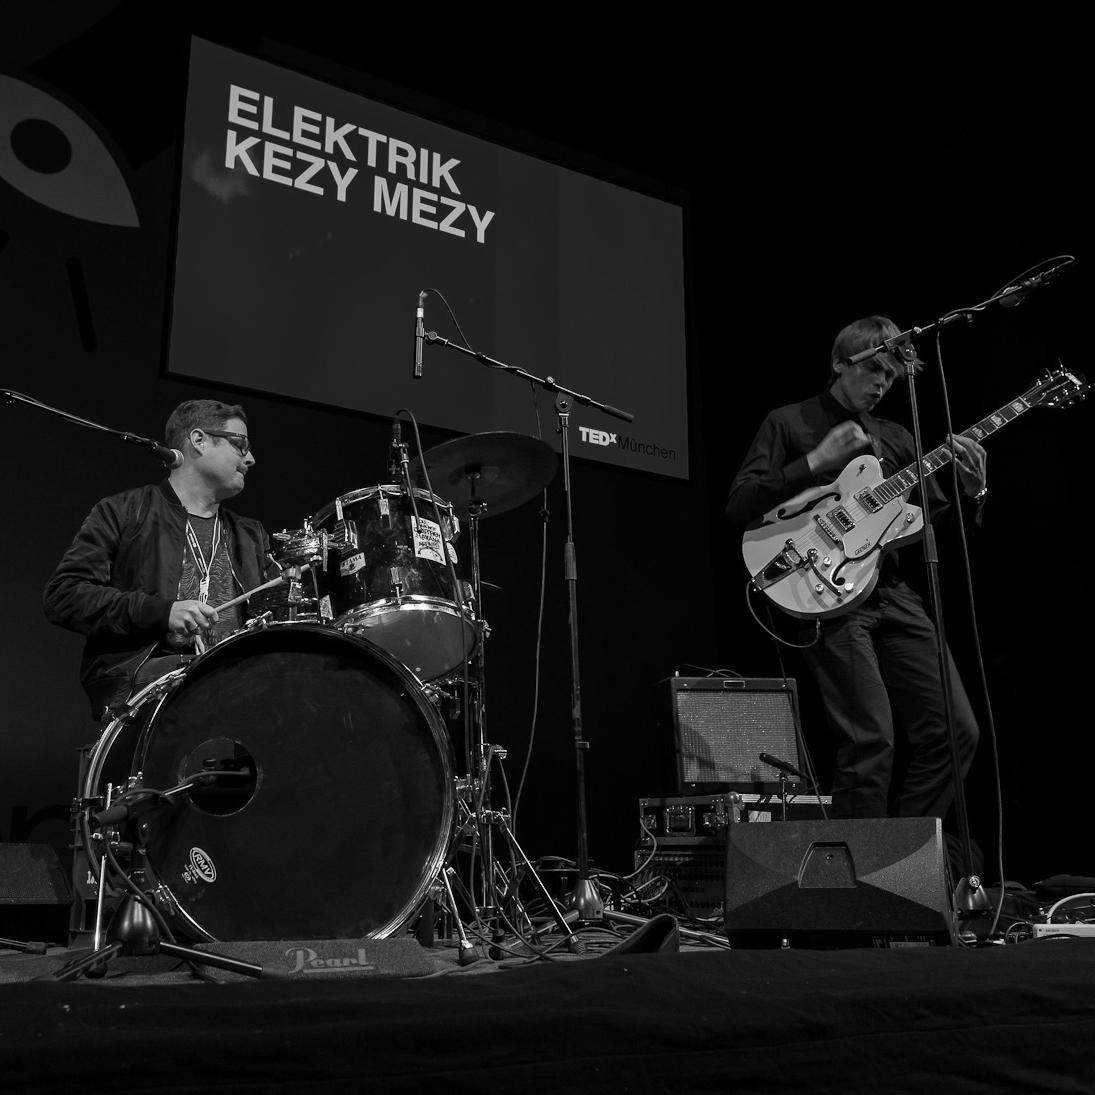 Elektrik Kezy Mezy - Performance